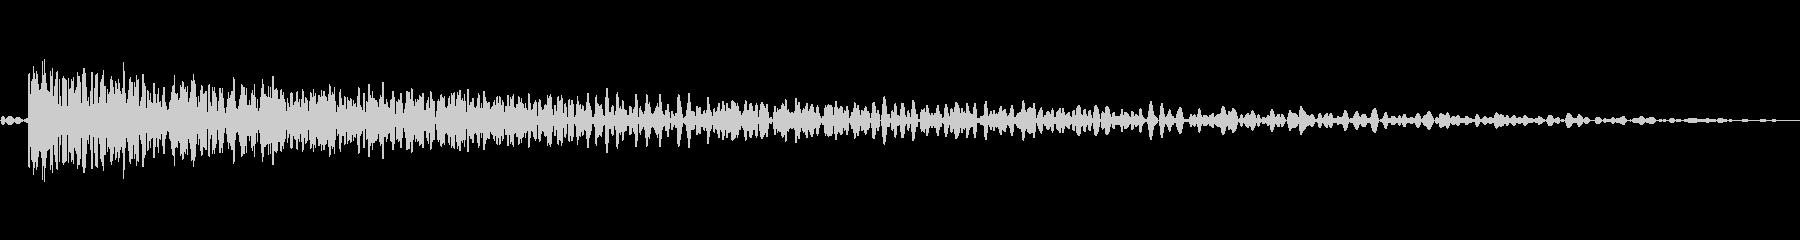 シートメタルヒット02-LCRの未再生の波形